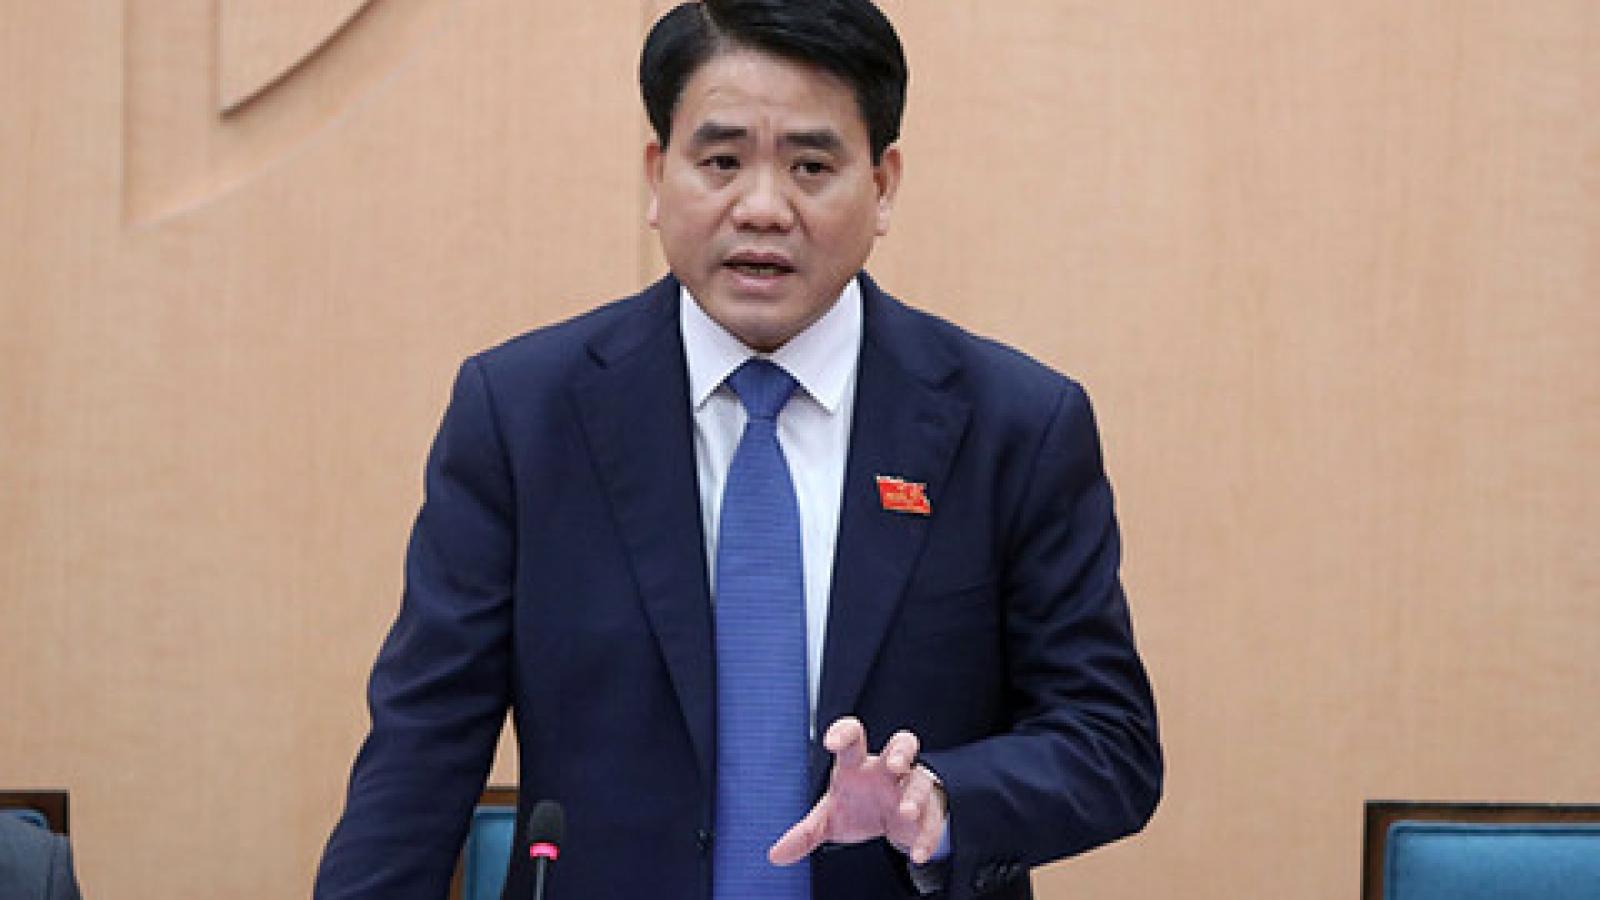 Bộ Chính trị đình chỉ sinh hoạt Đảng với ông Nguyễn Đức Chung